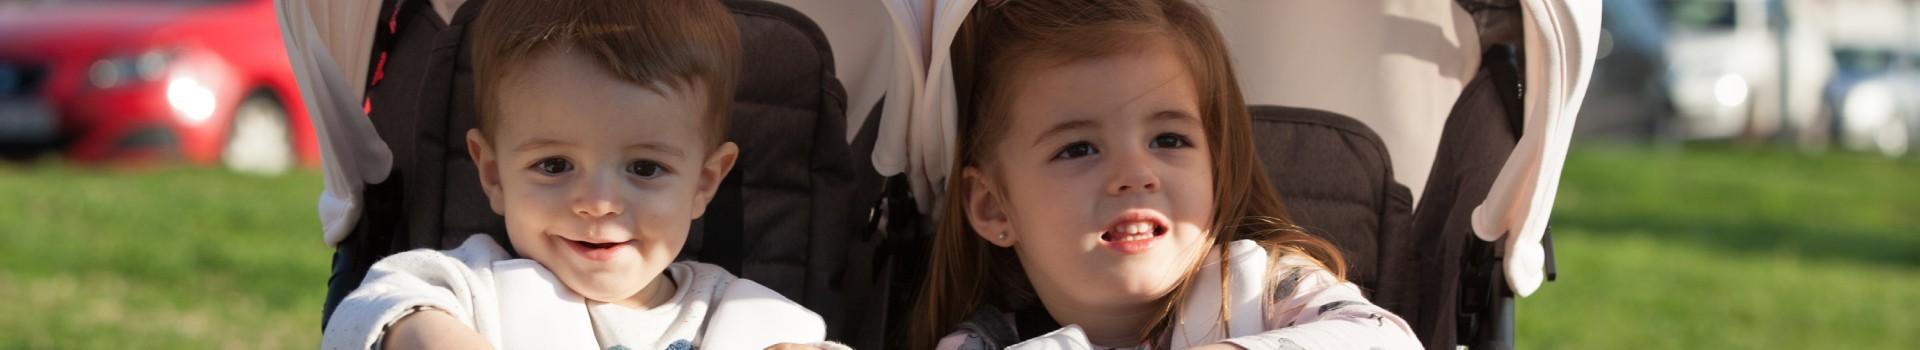 Zanzariere per passeggini e navicelle | Baby Monsters